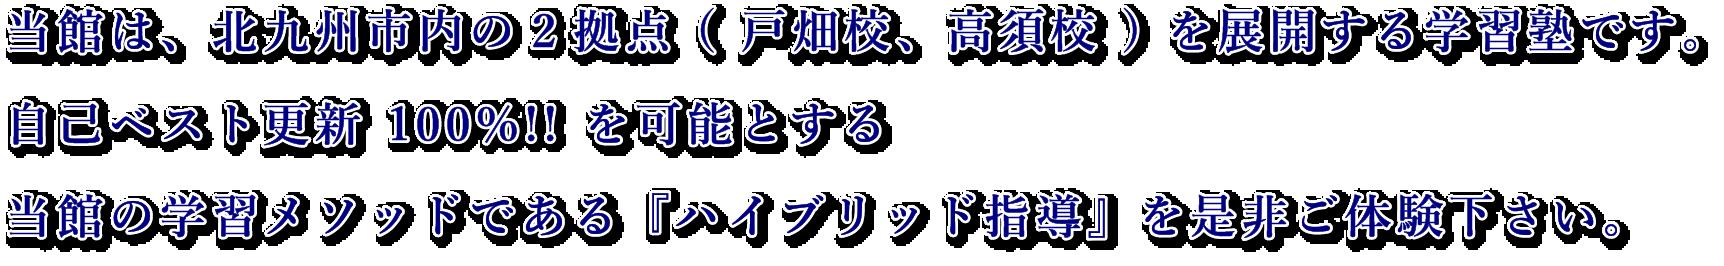 当館は、北九州市内の2拠点(戸畑校、高須校)を展開する学習塾です。 自己ベスト更新100%!!を可能とする当館のメソッドであるハイブリッド指導を是非ご体験下さい。